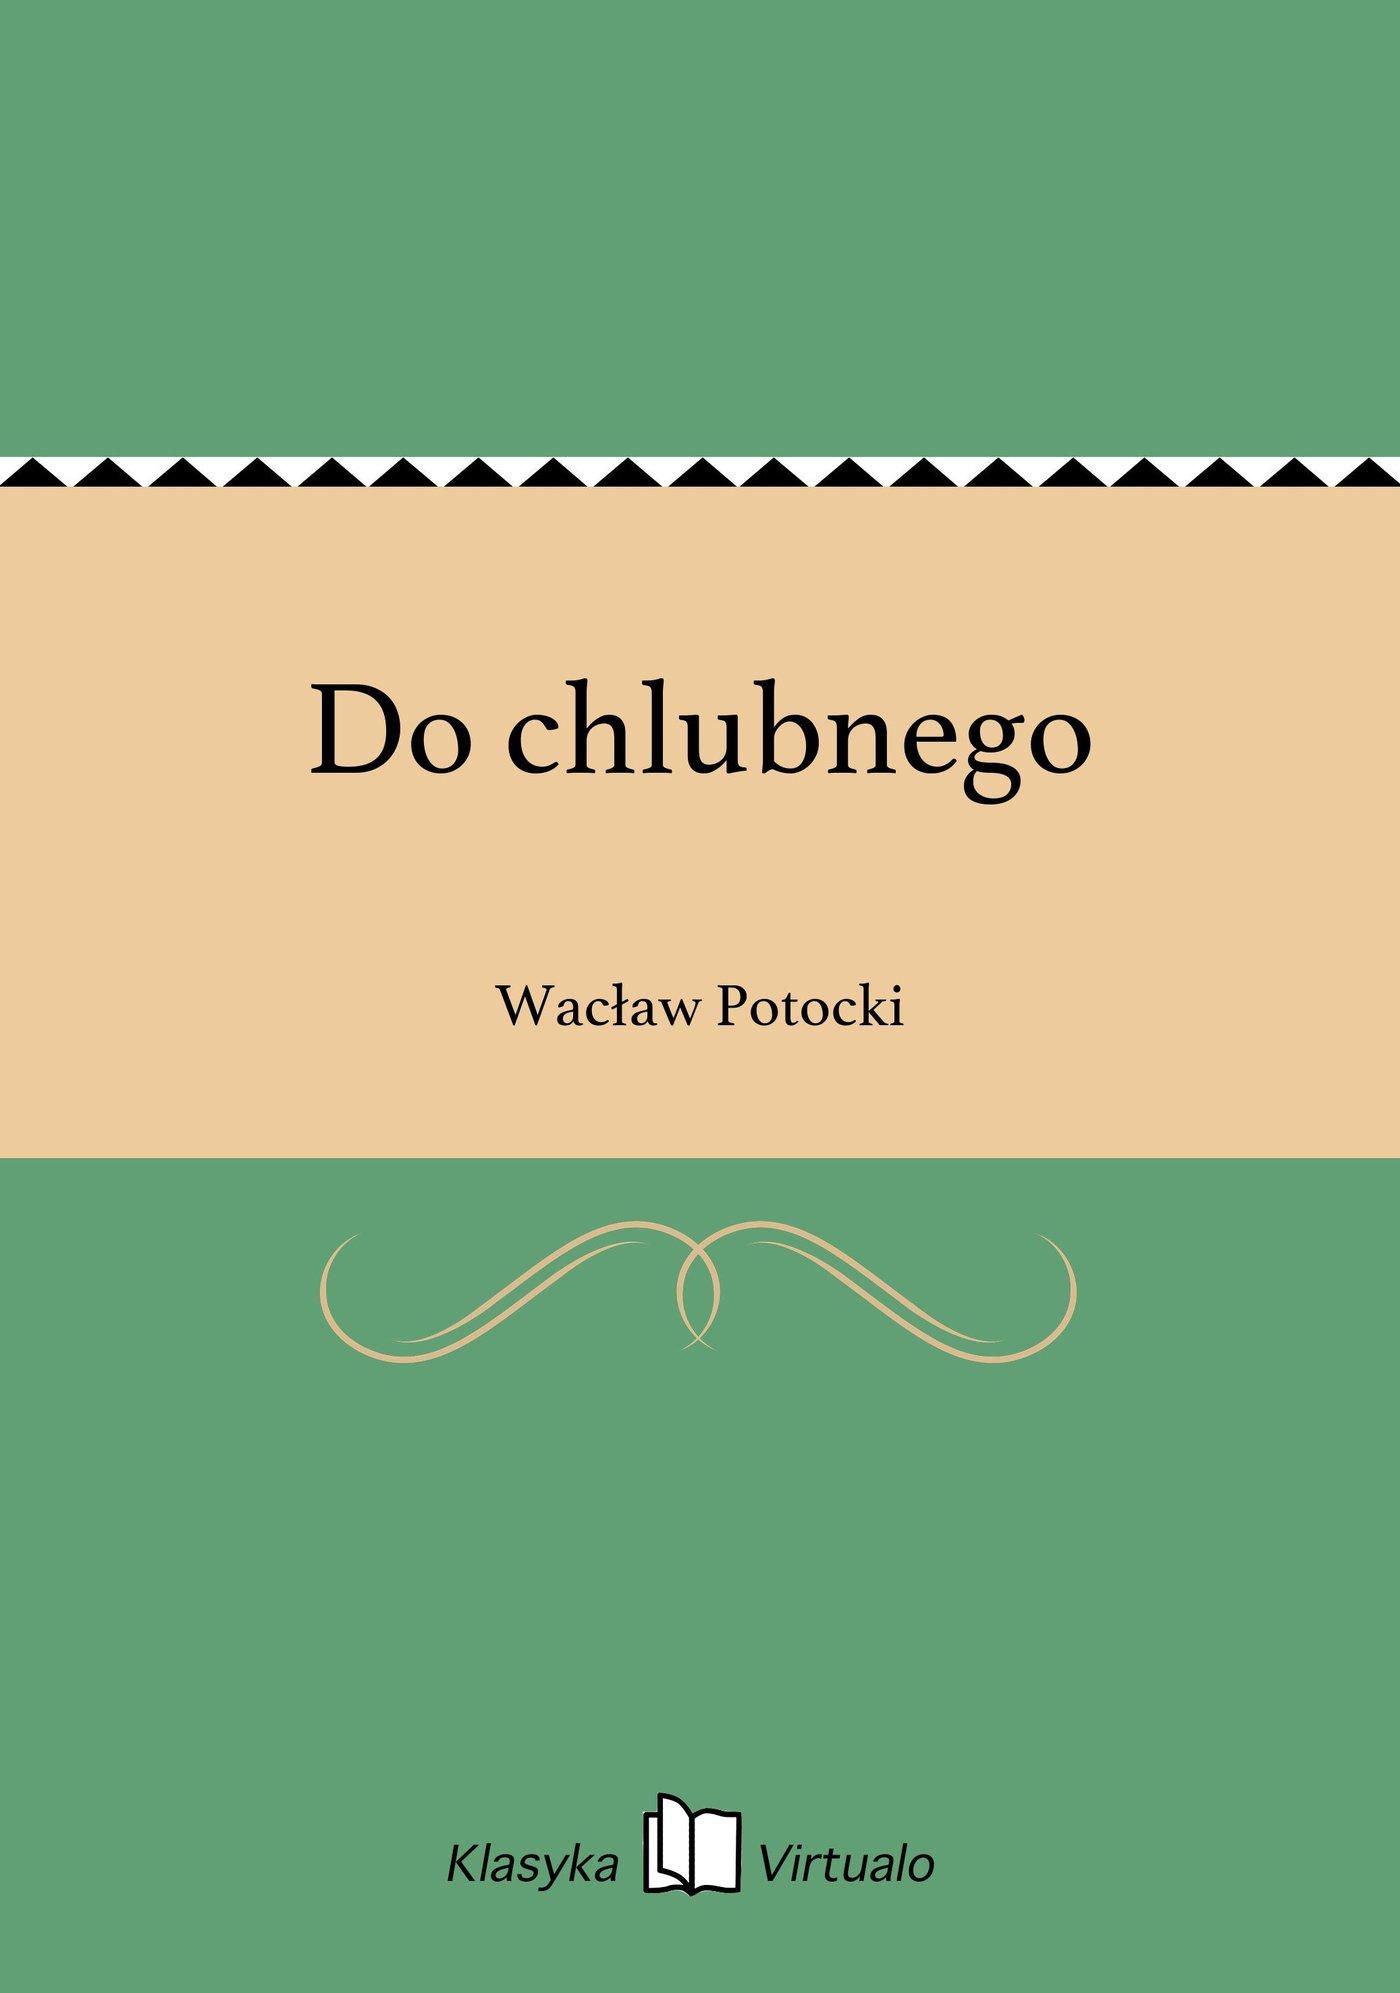 Do chlubnego - Ebook (Książka EPUB) do pobrania w formacie EPUB